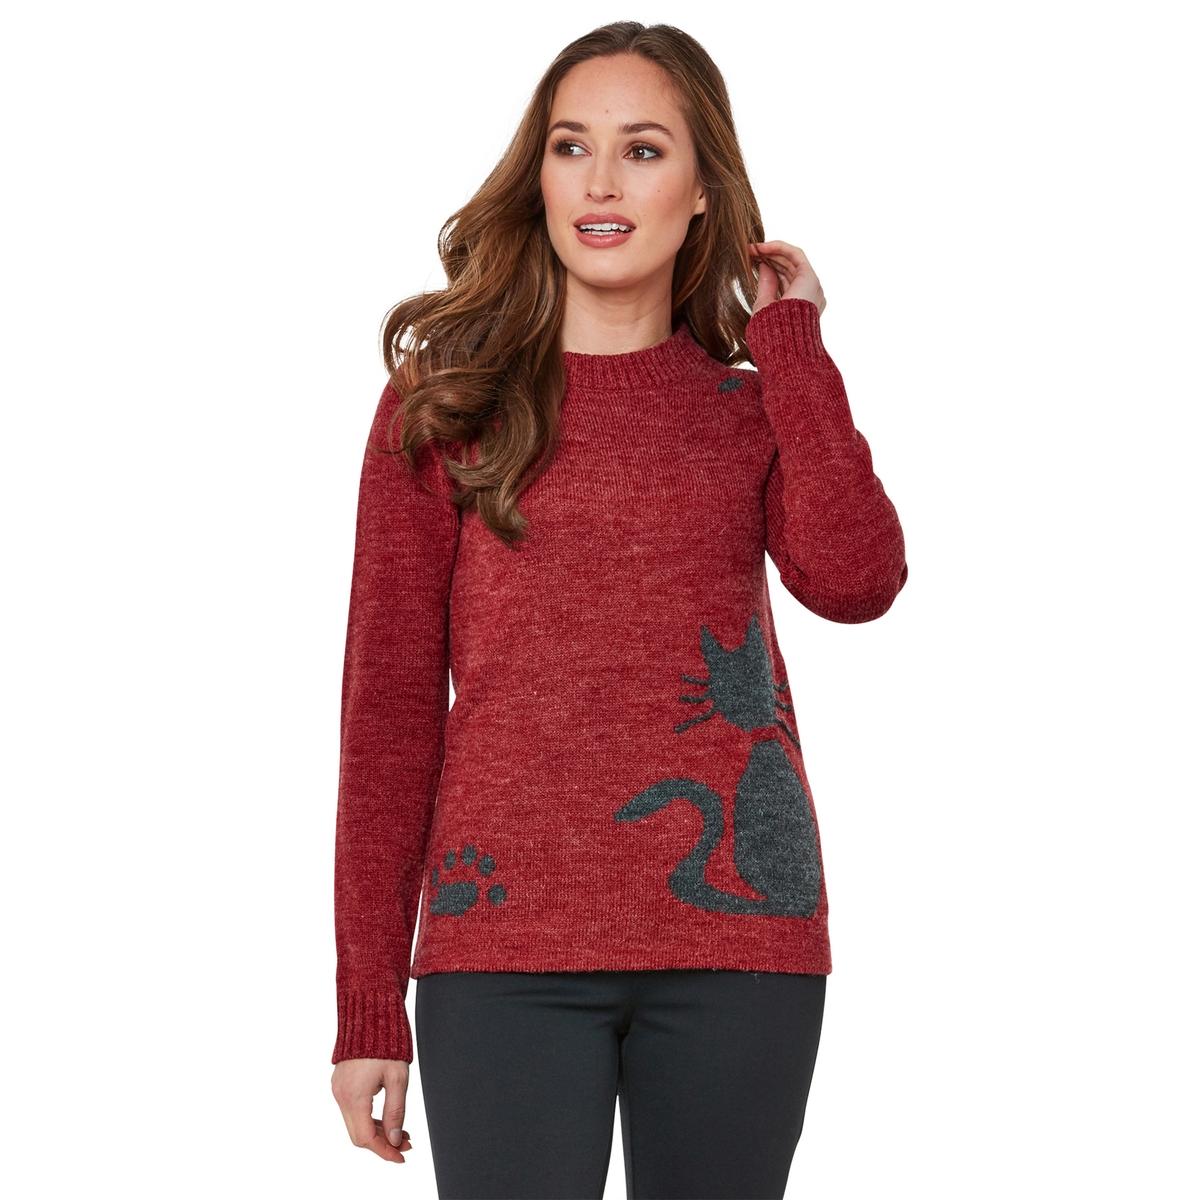 Пуловер La Redoute С круглым вырезом и длинными рукавами из тонкого трикотажа 36 (FR) - 42 (RUS) красный пуловер la redoute с круглым вырезом из тонкого трикотажа m красный